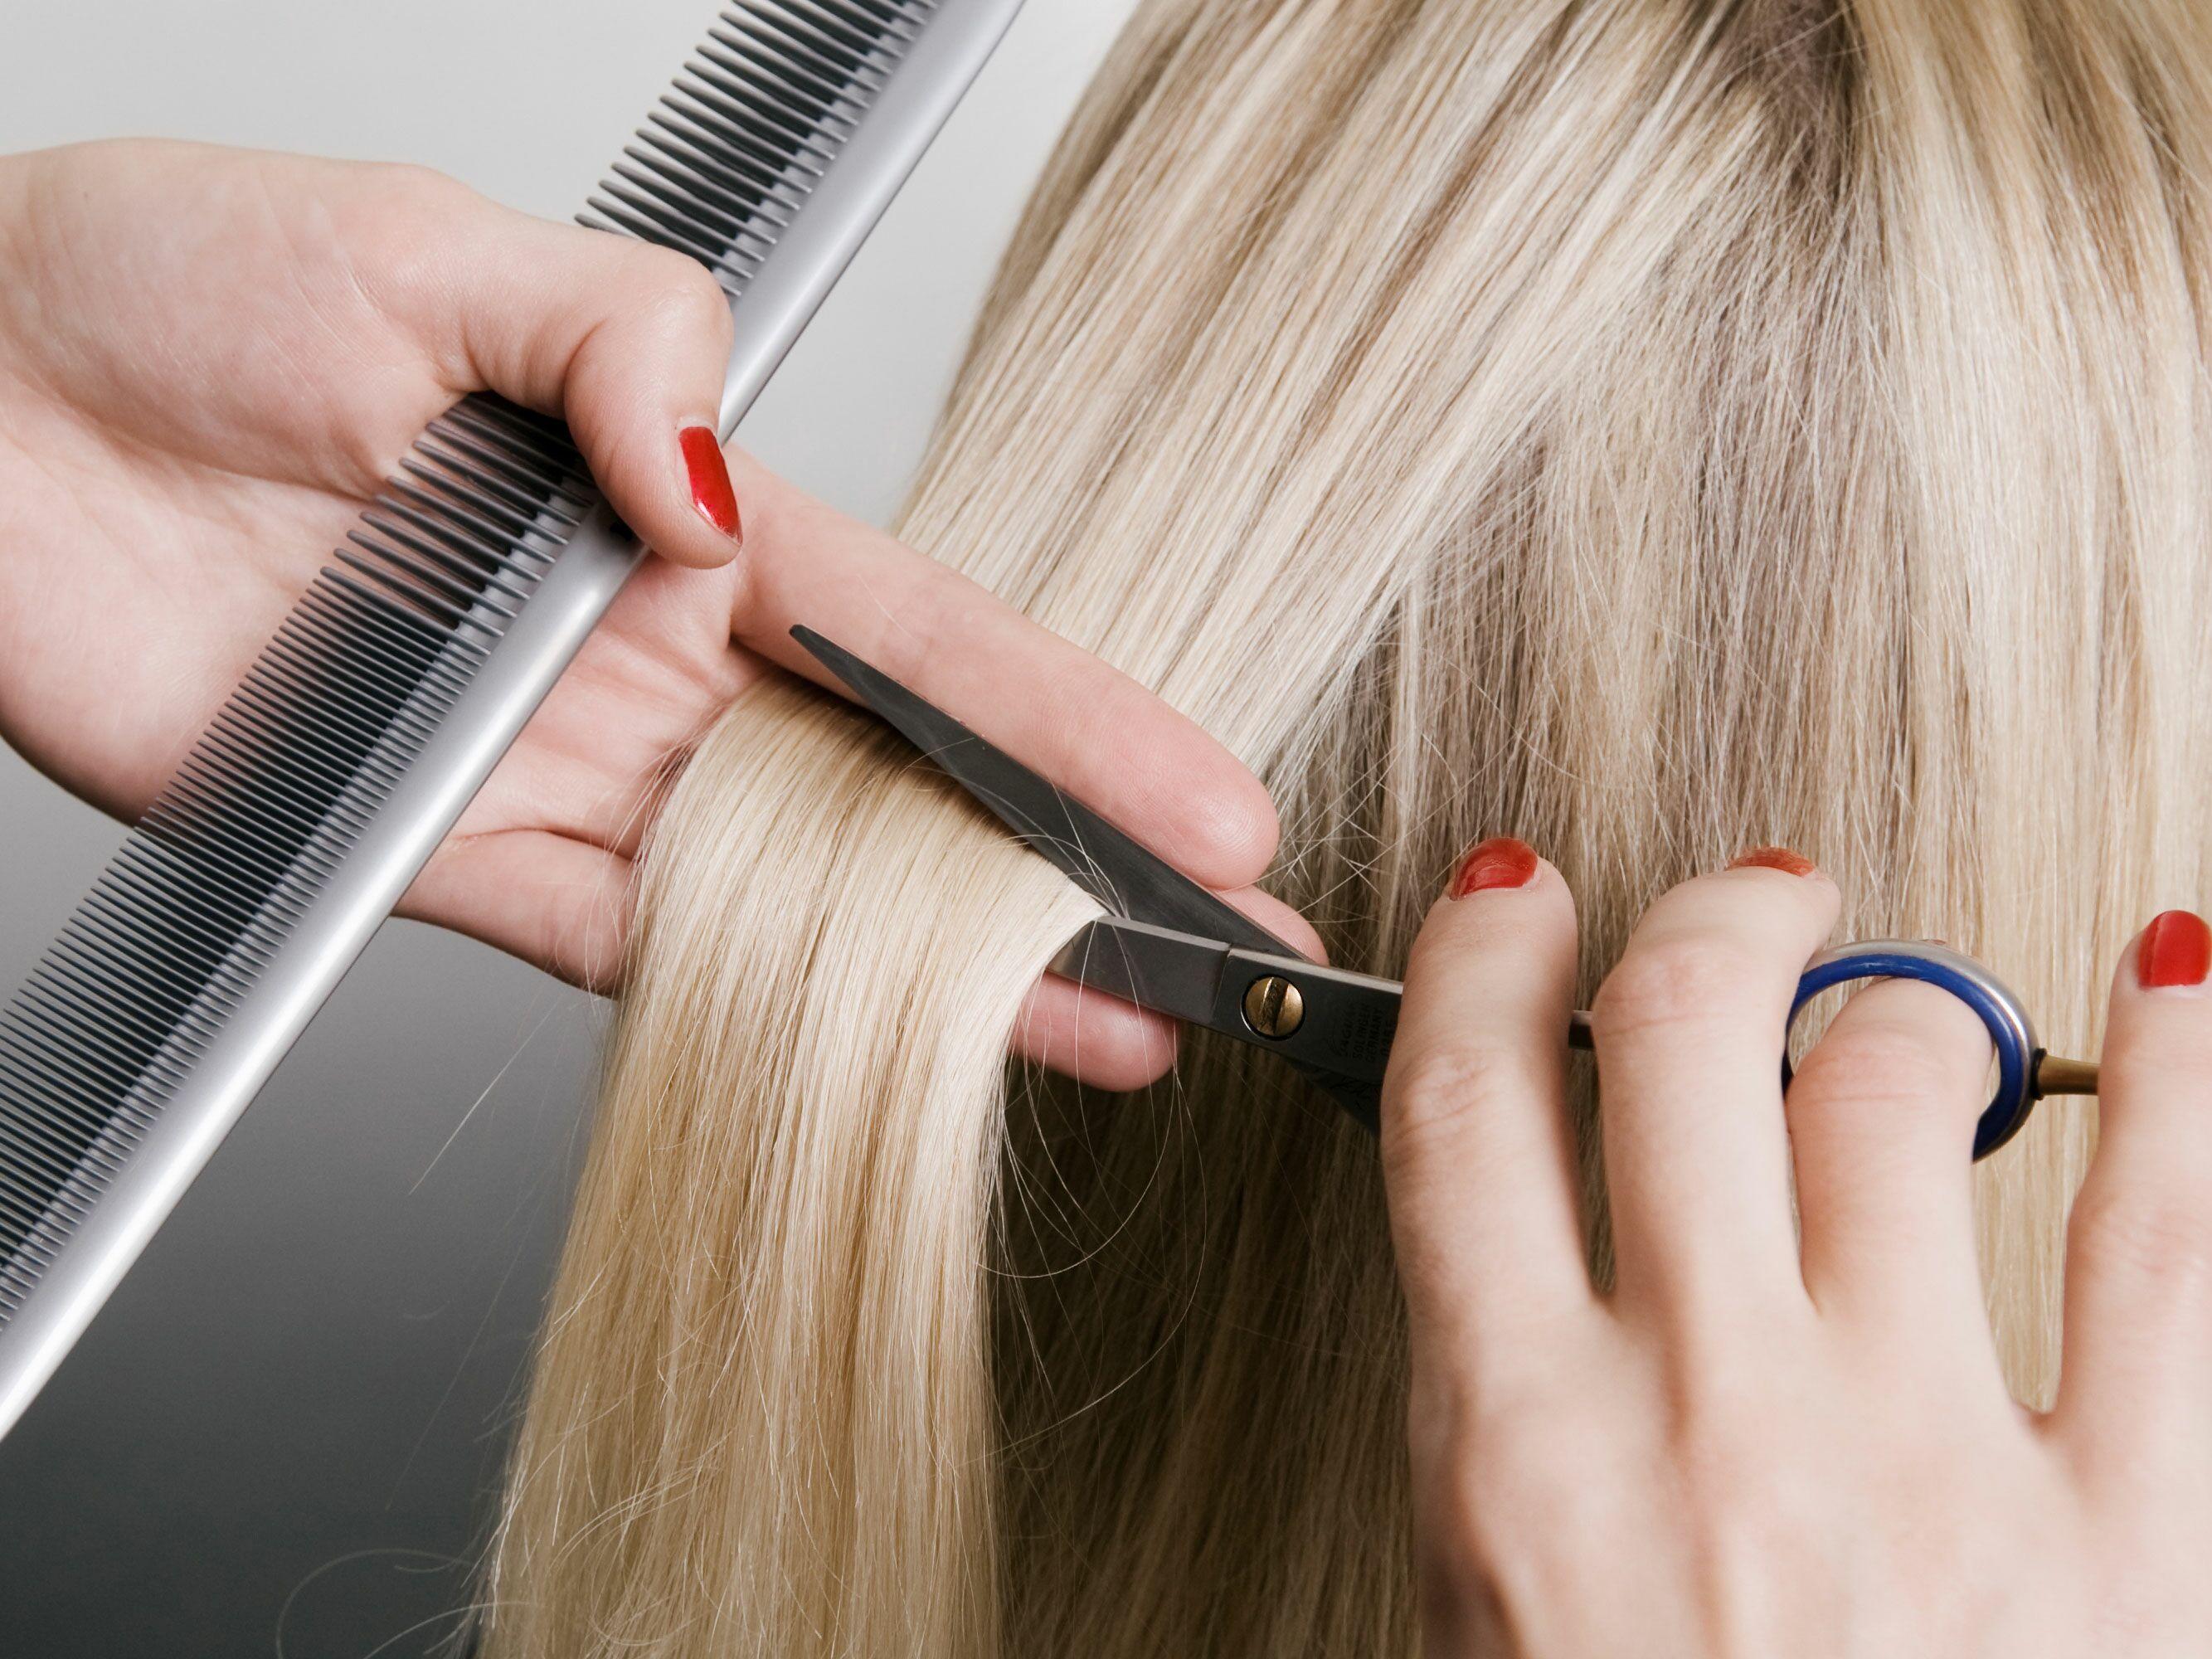 Когда лучше подравнивать кончики волос